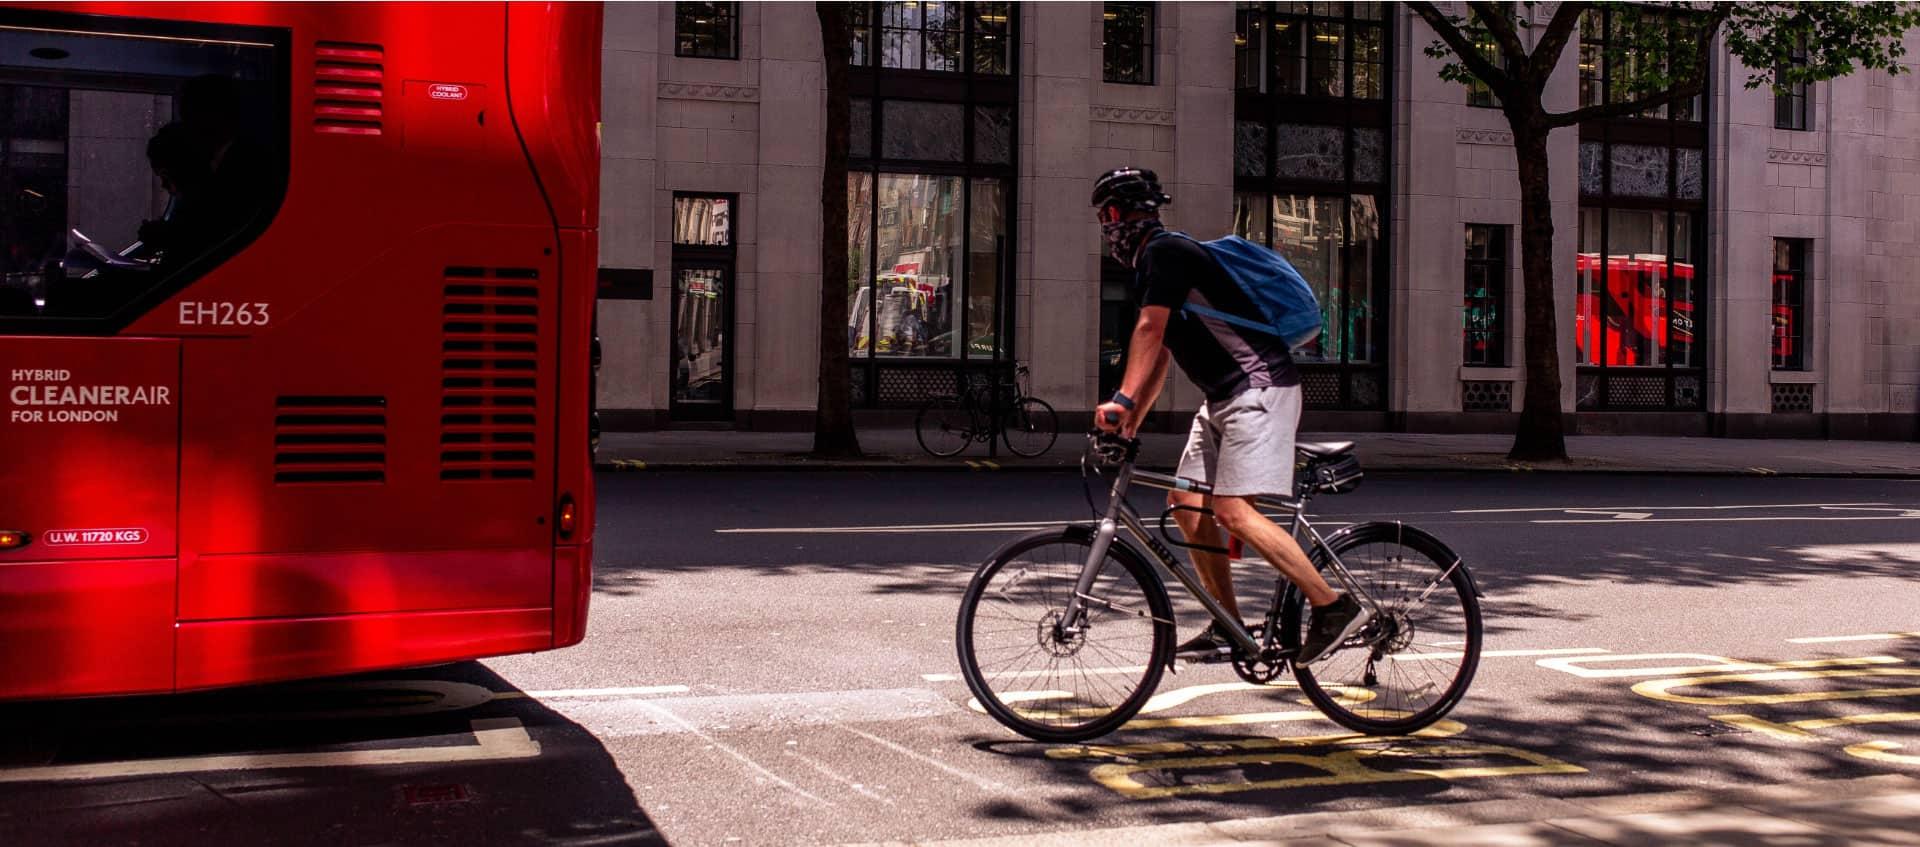 Nip Nip bicycle repairs in London